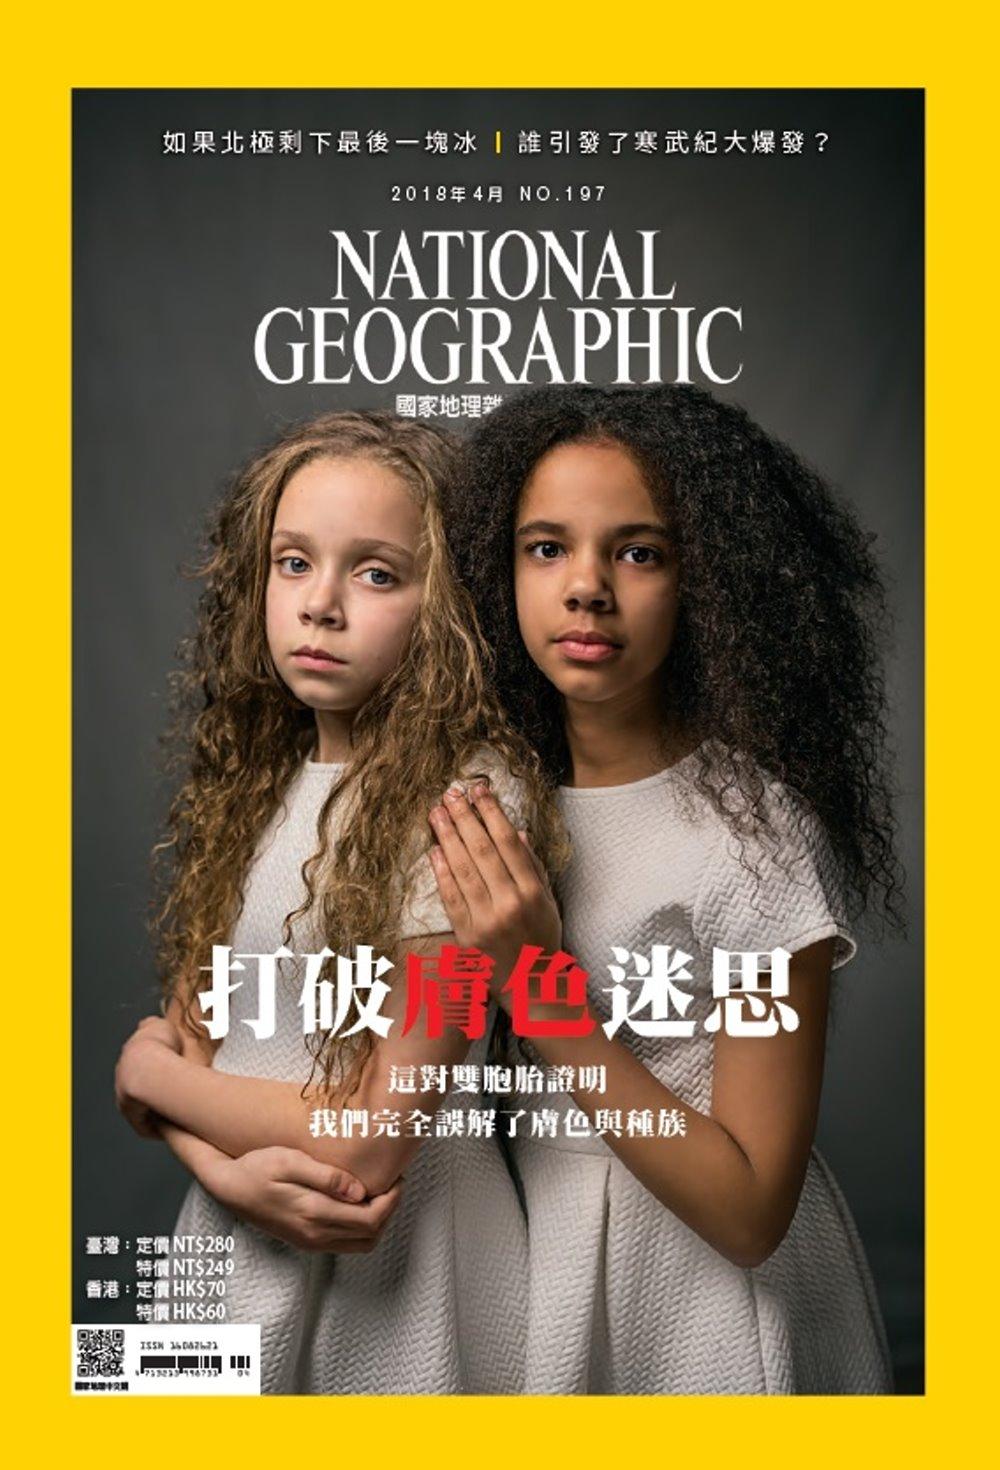 國家地理雜誌中文版 4月號/2018 第197期